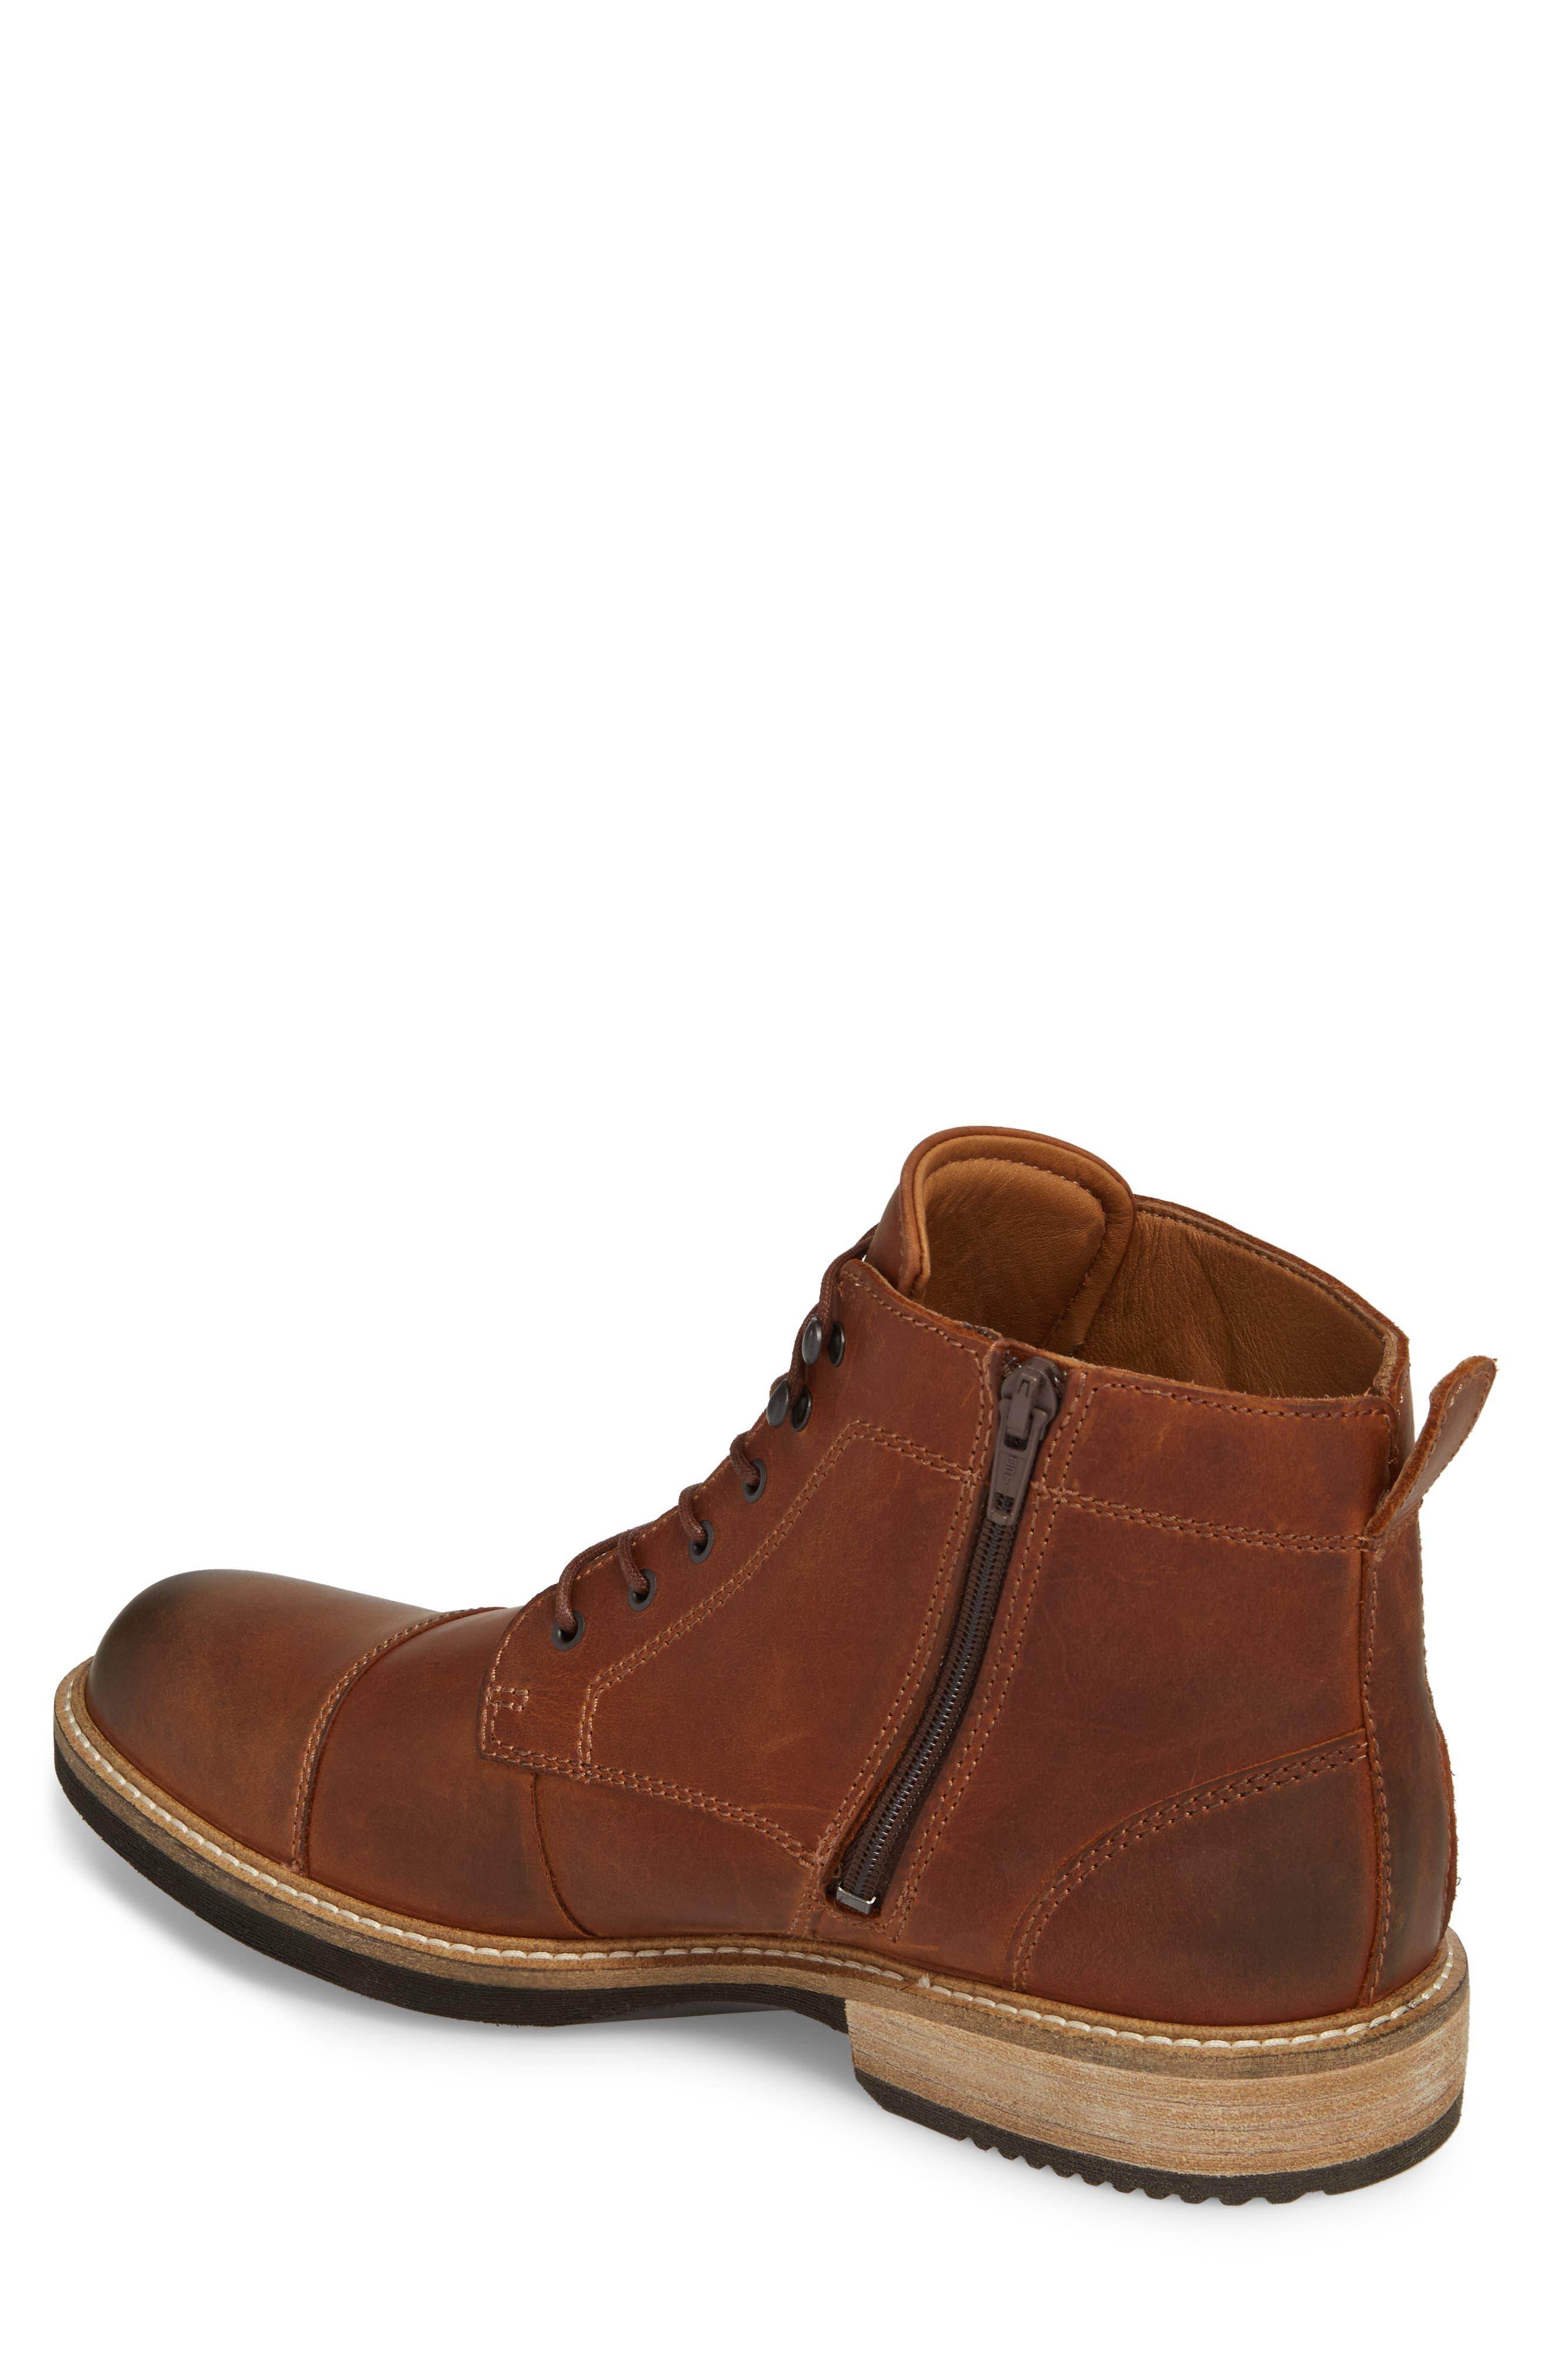 Kenton Vintage Cap Toe Boot,                             Alternate thumbnail 2, color,                             COGNAC LEATHER